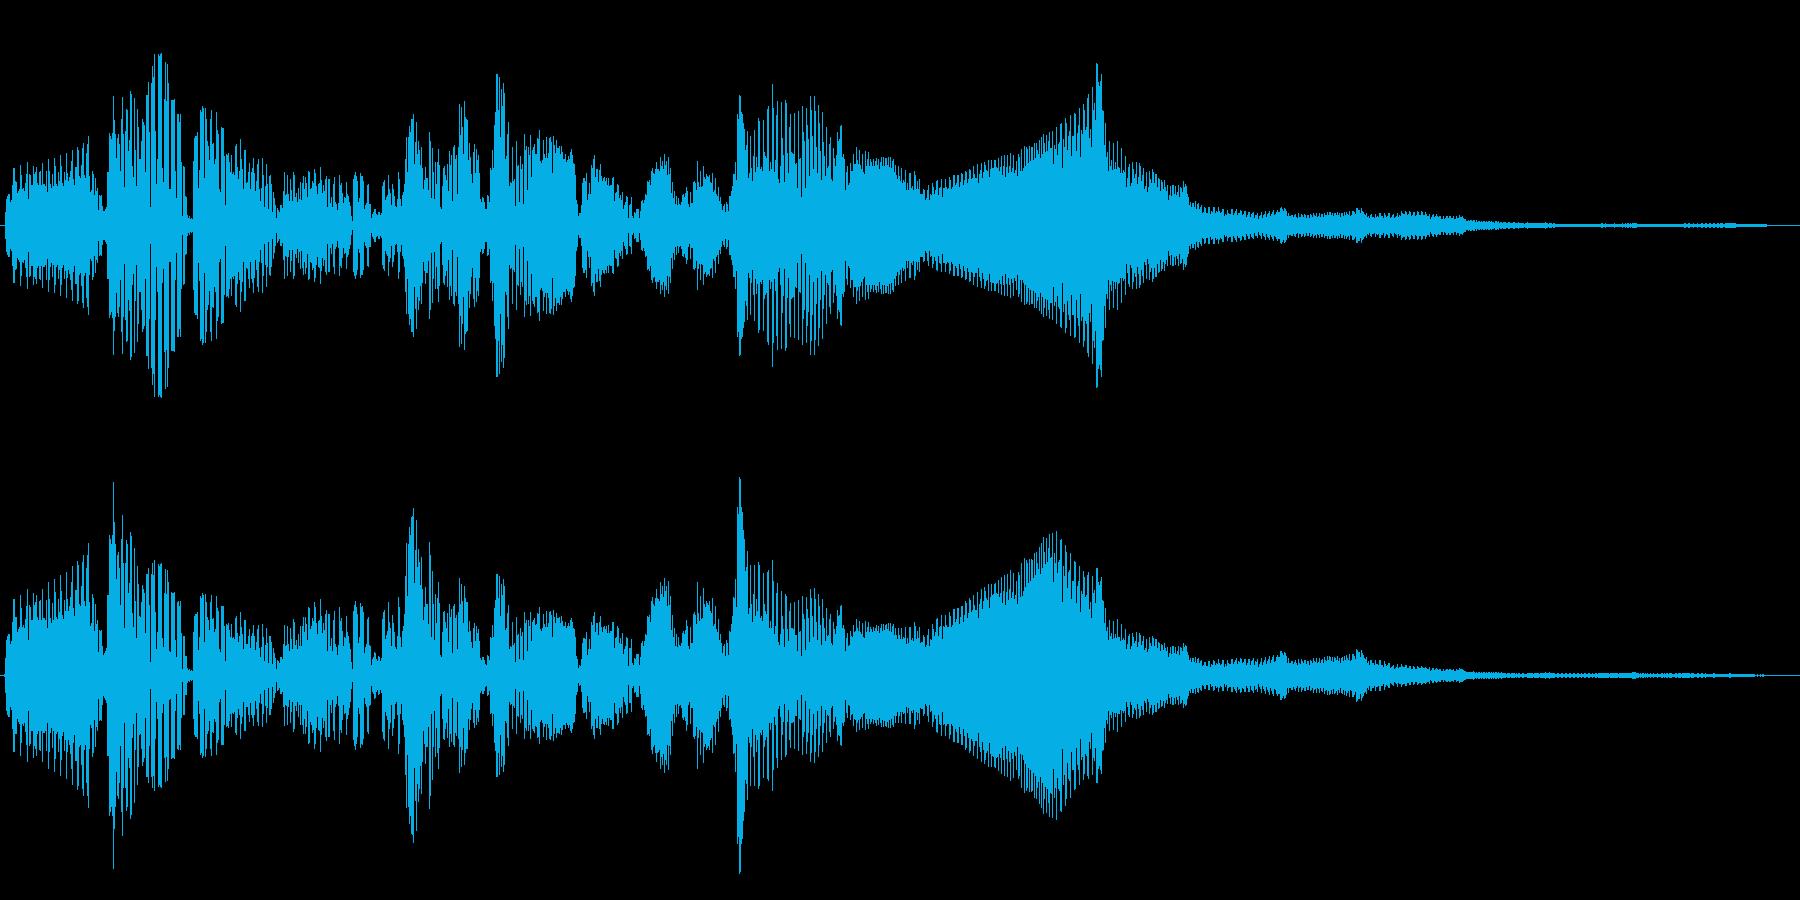 重い物を回しているような音の再生済みの波形